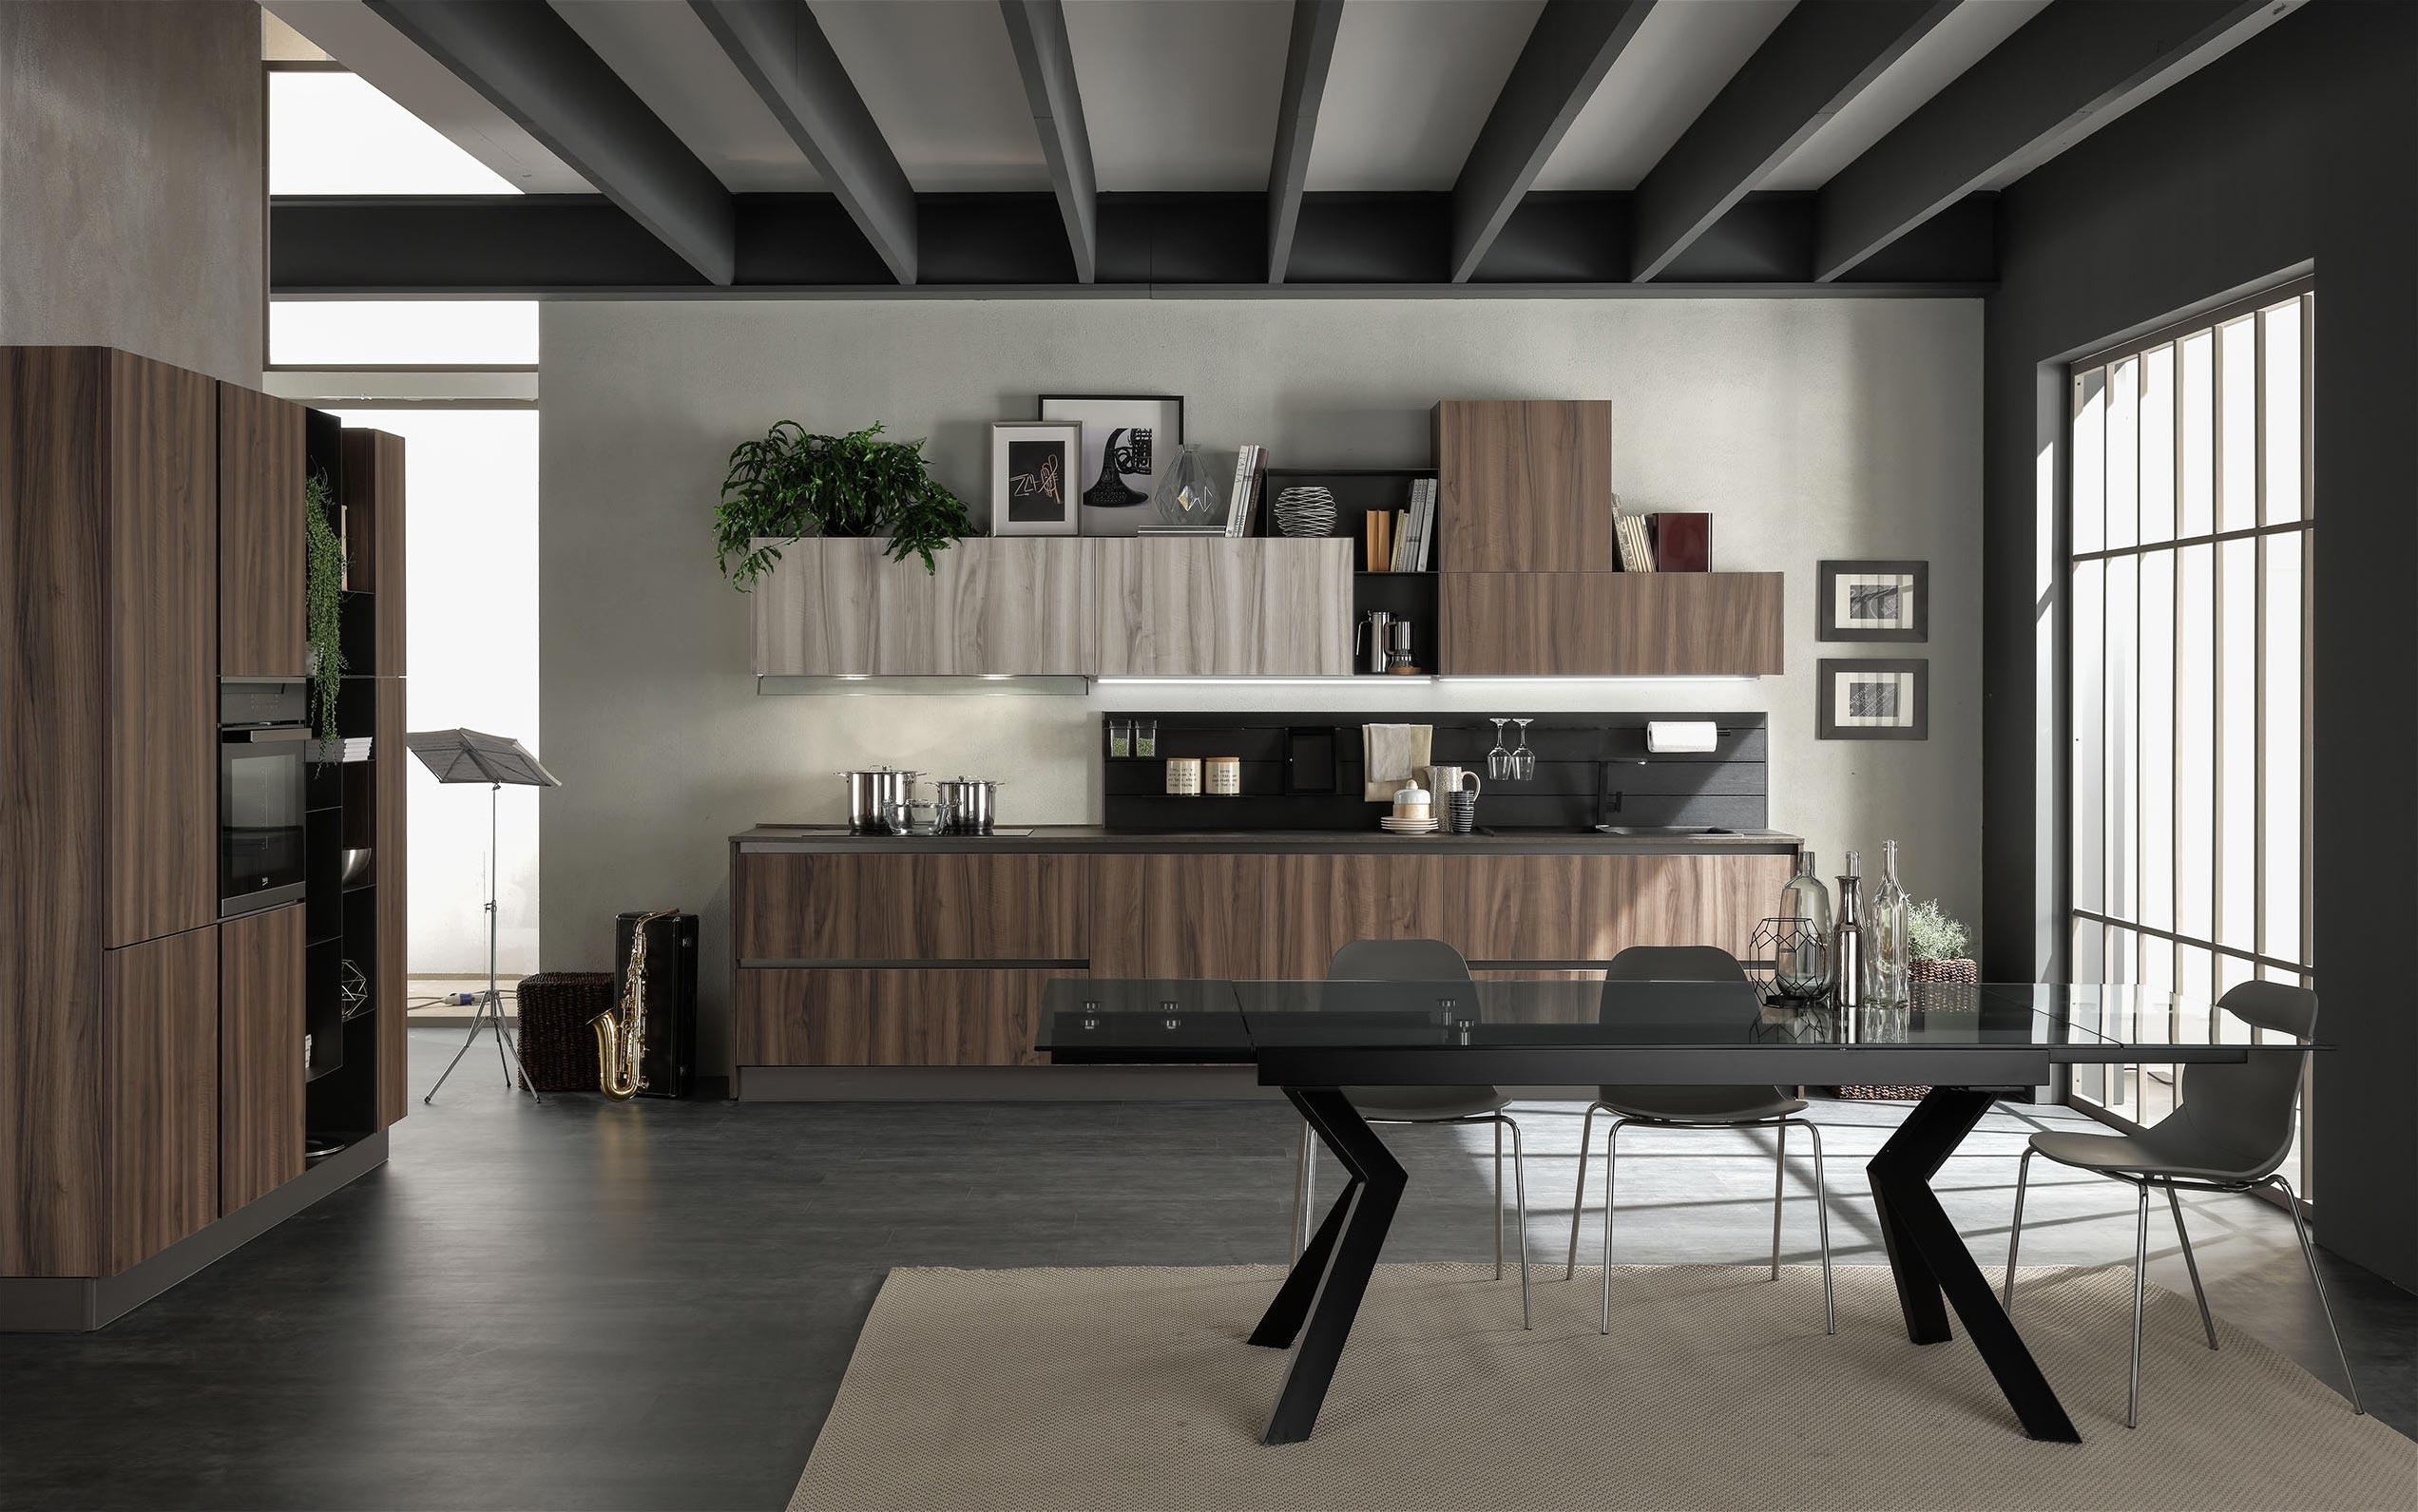 Cucina moderna terra rivenditori cucine sicilia for Cucina moderna altezza